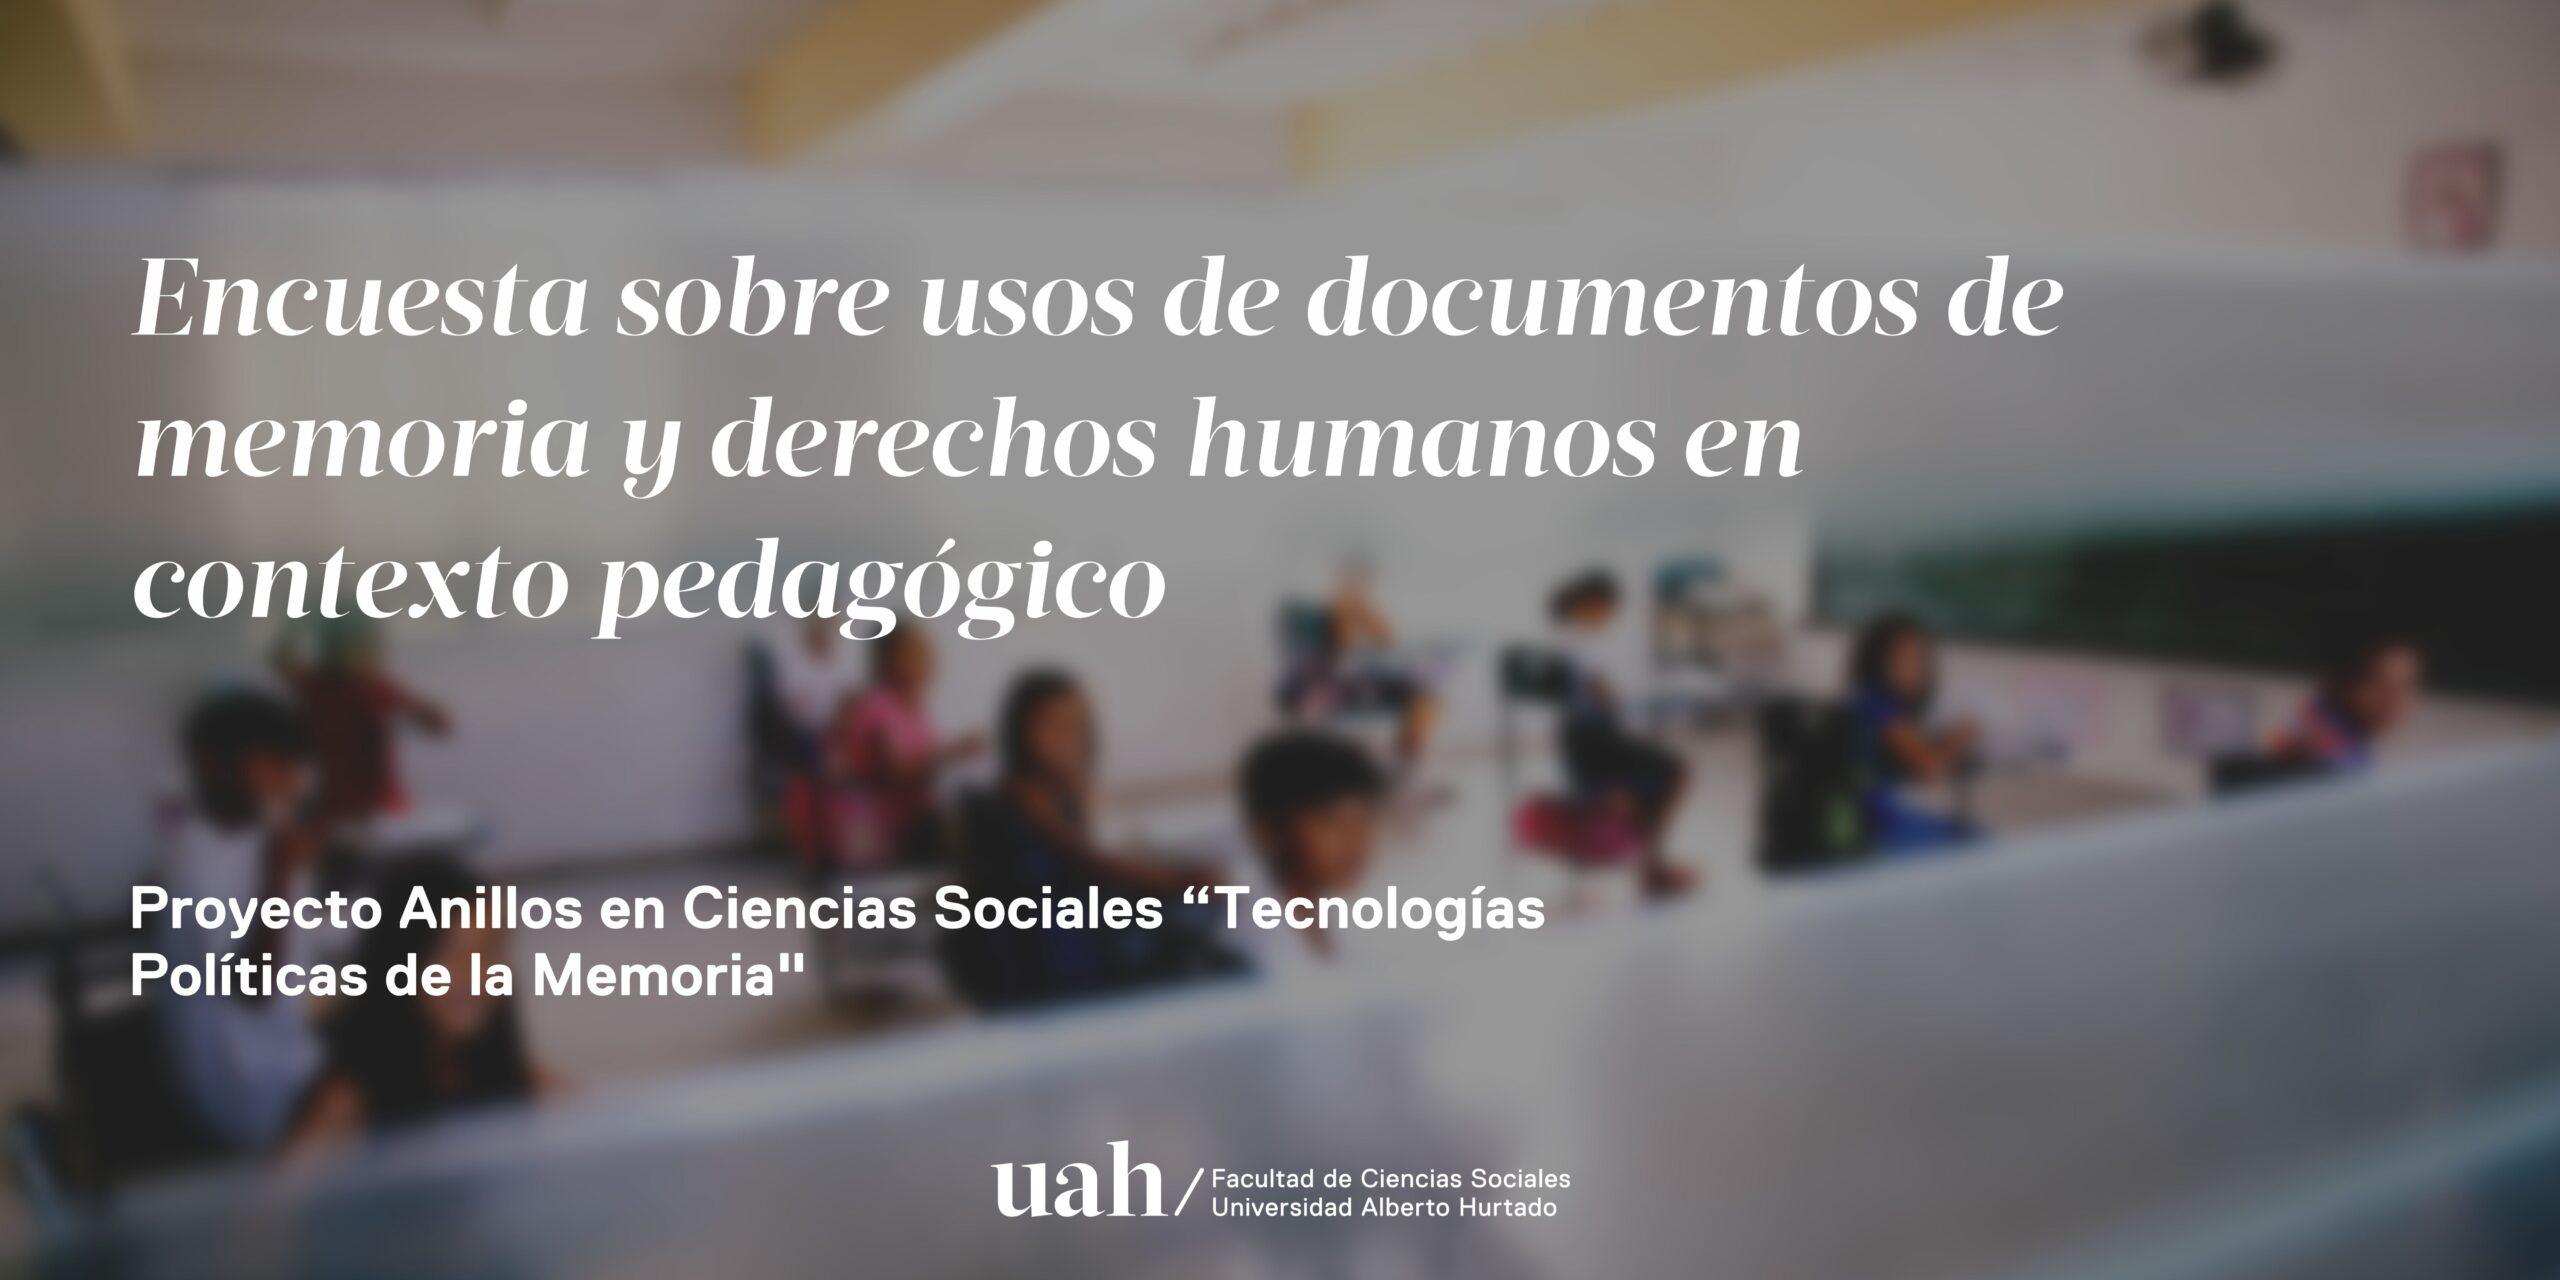 Encuesta para docentes busca conocer cómo usan los archivos de derechos humanos para enseñar a sus alumnos y alumnas